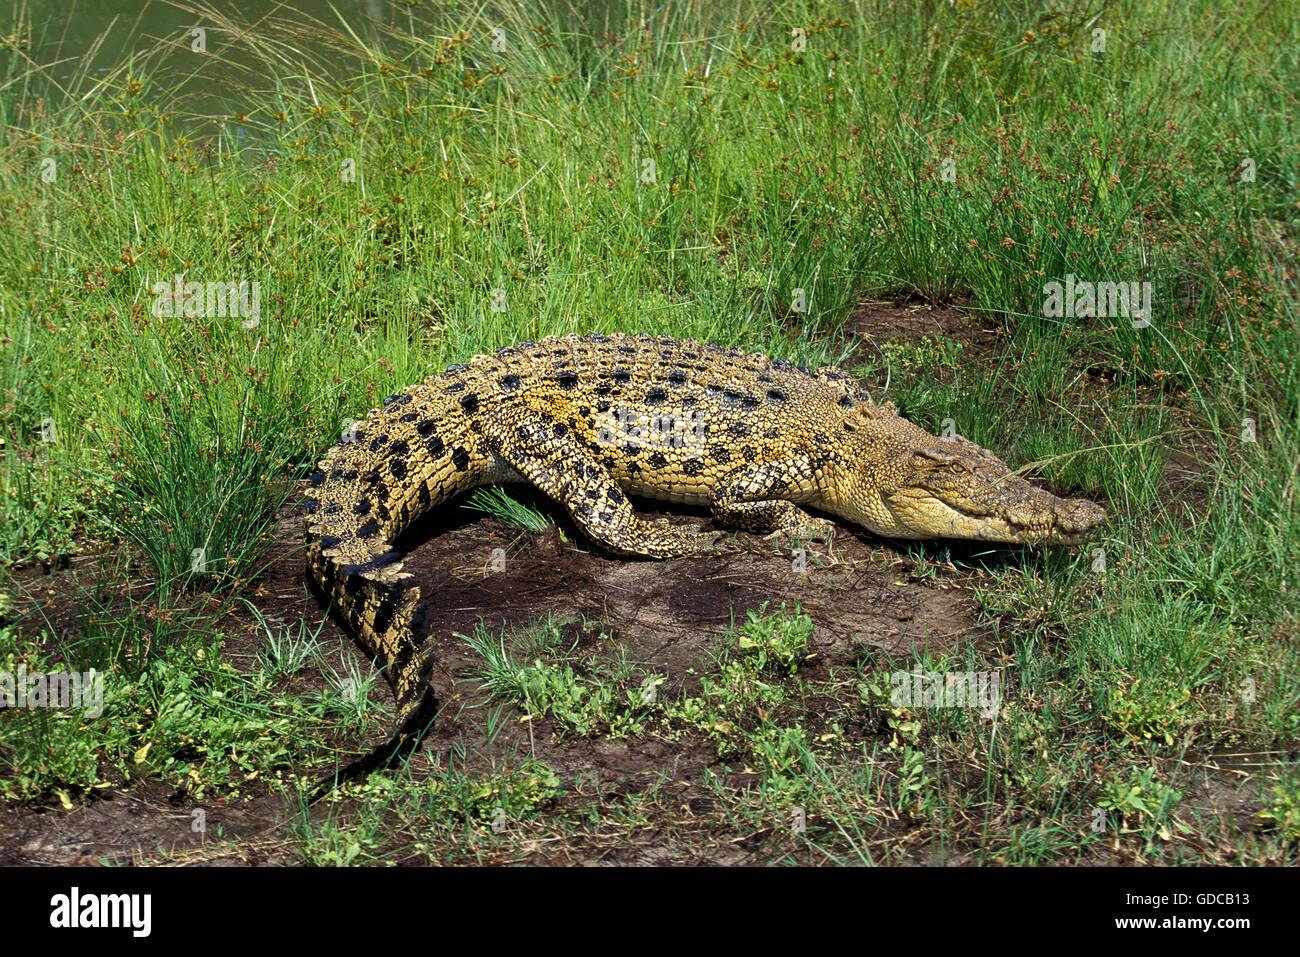 AUSTRALIAN SALWATER CROCODILE OR ESTUARINE CROCODILE crocodylus porosus - Stock Image